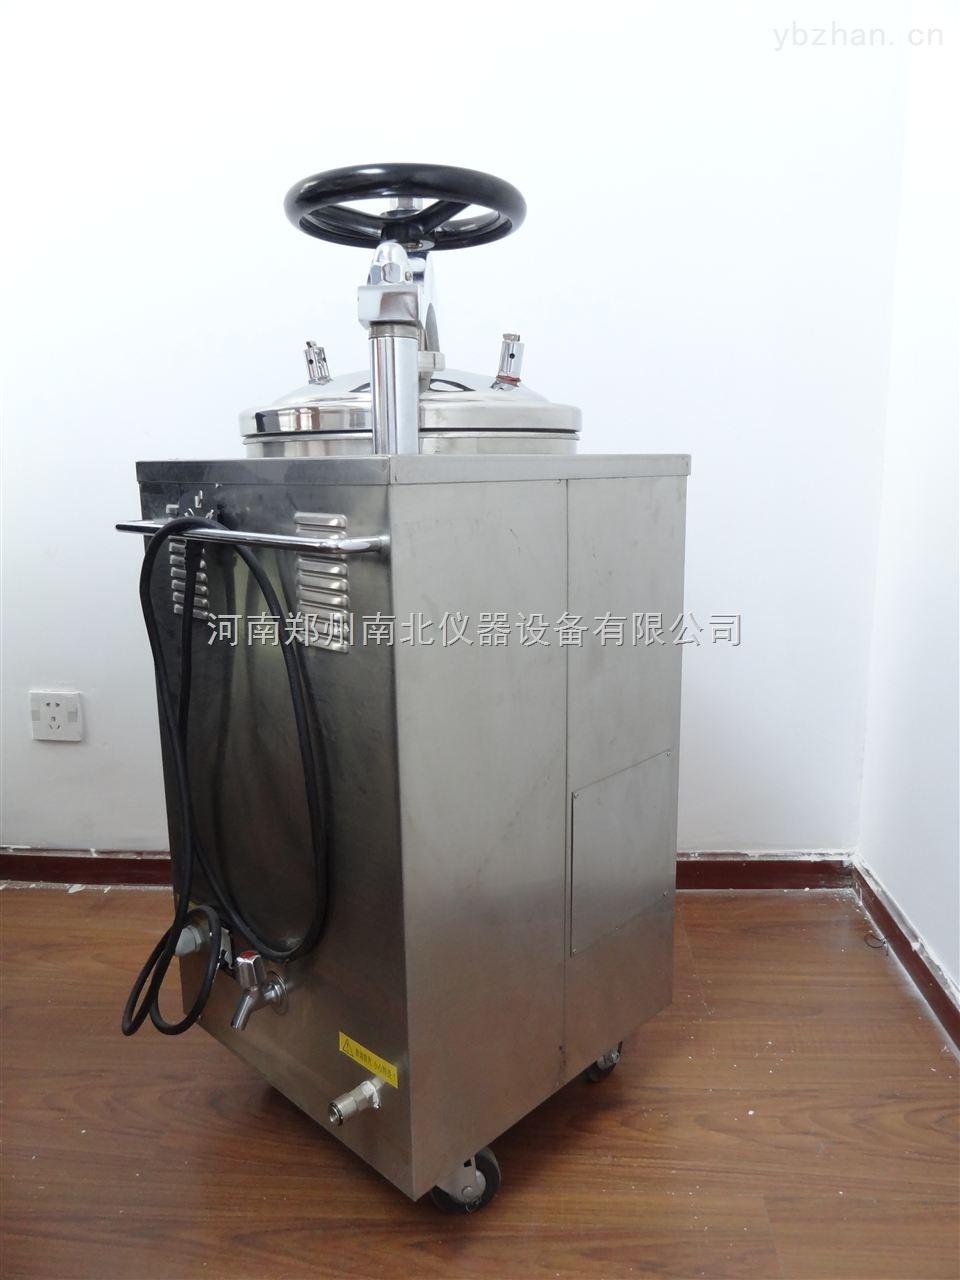 实验室手提高压蒸汽灭菌器,实验室灭菌器